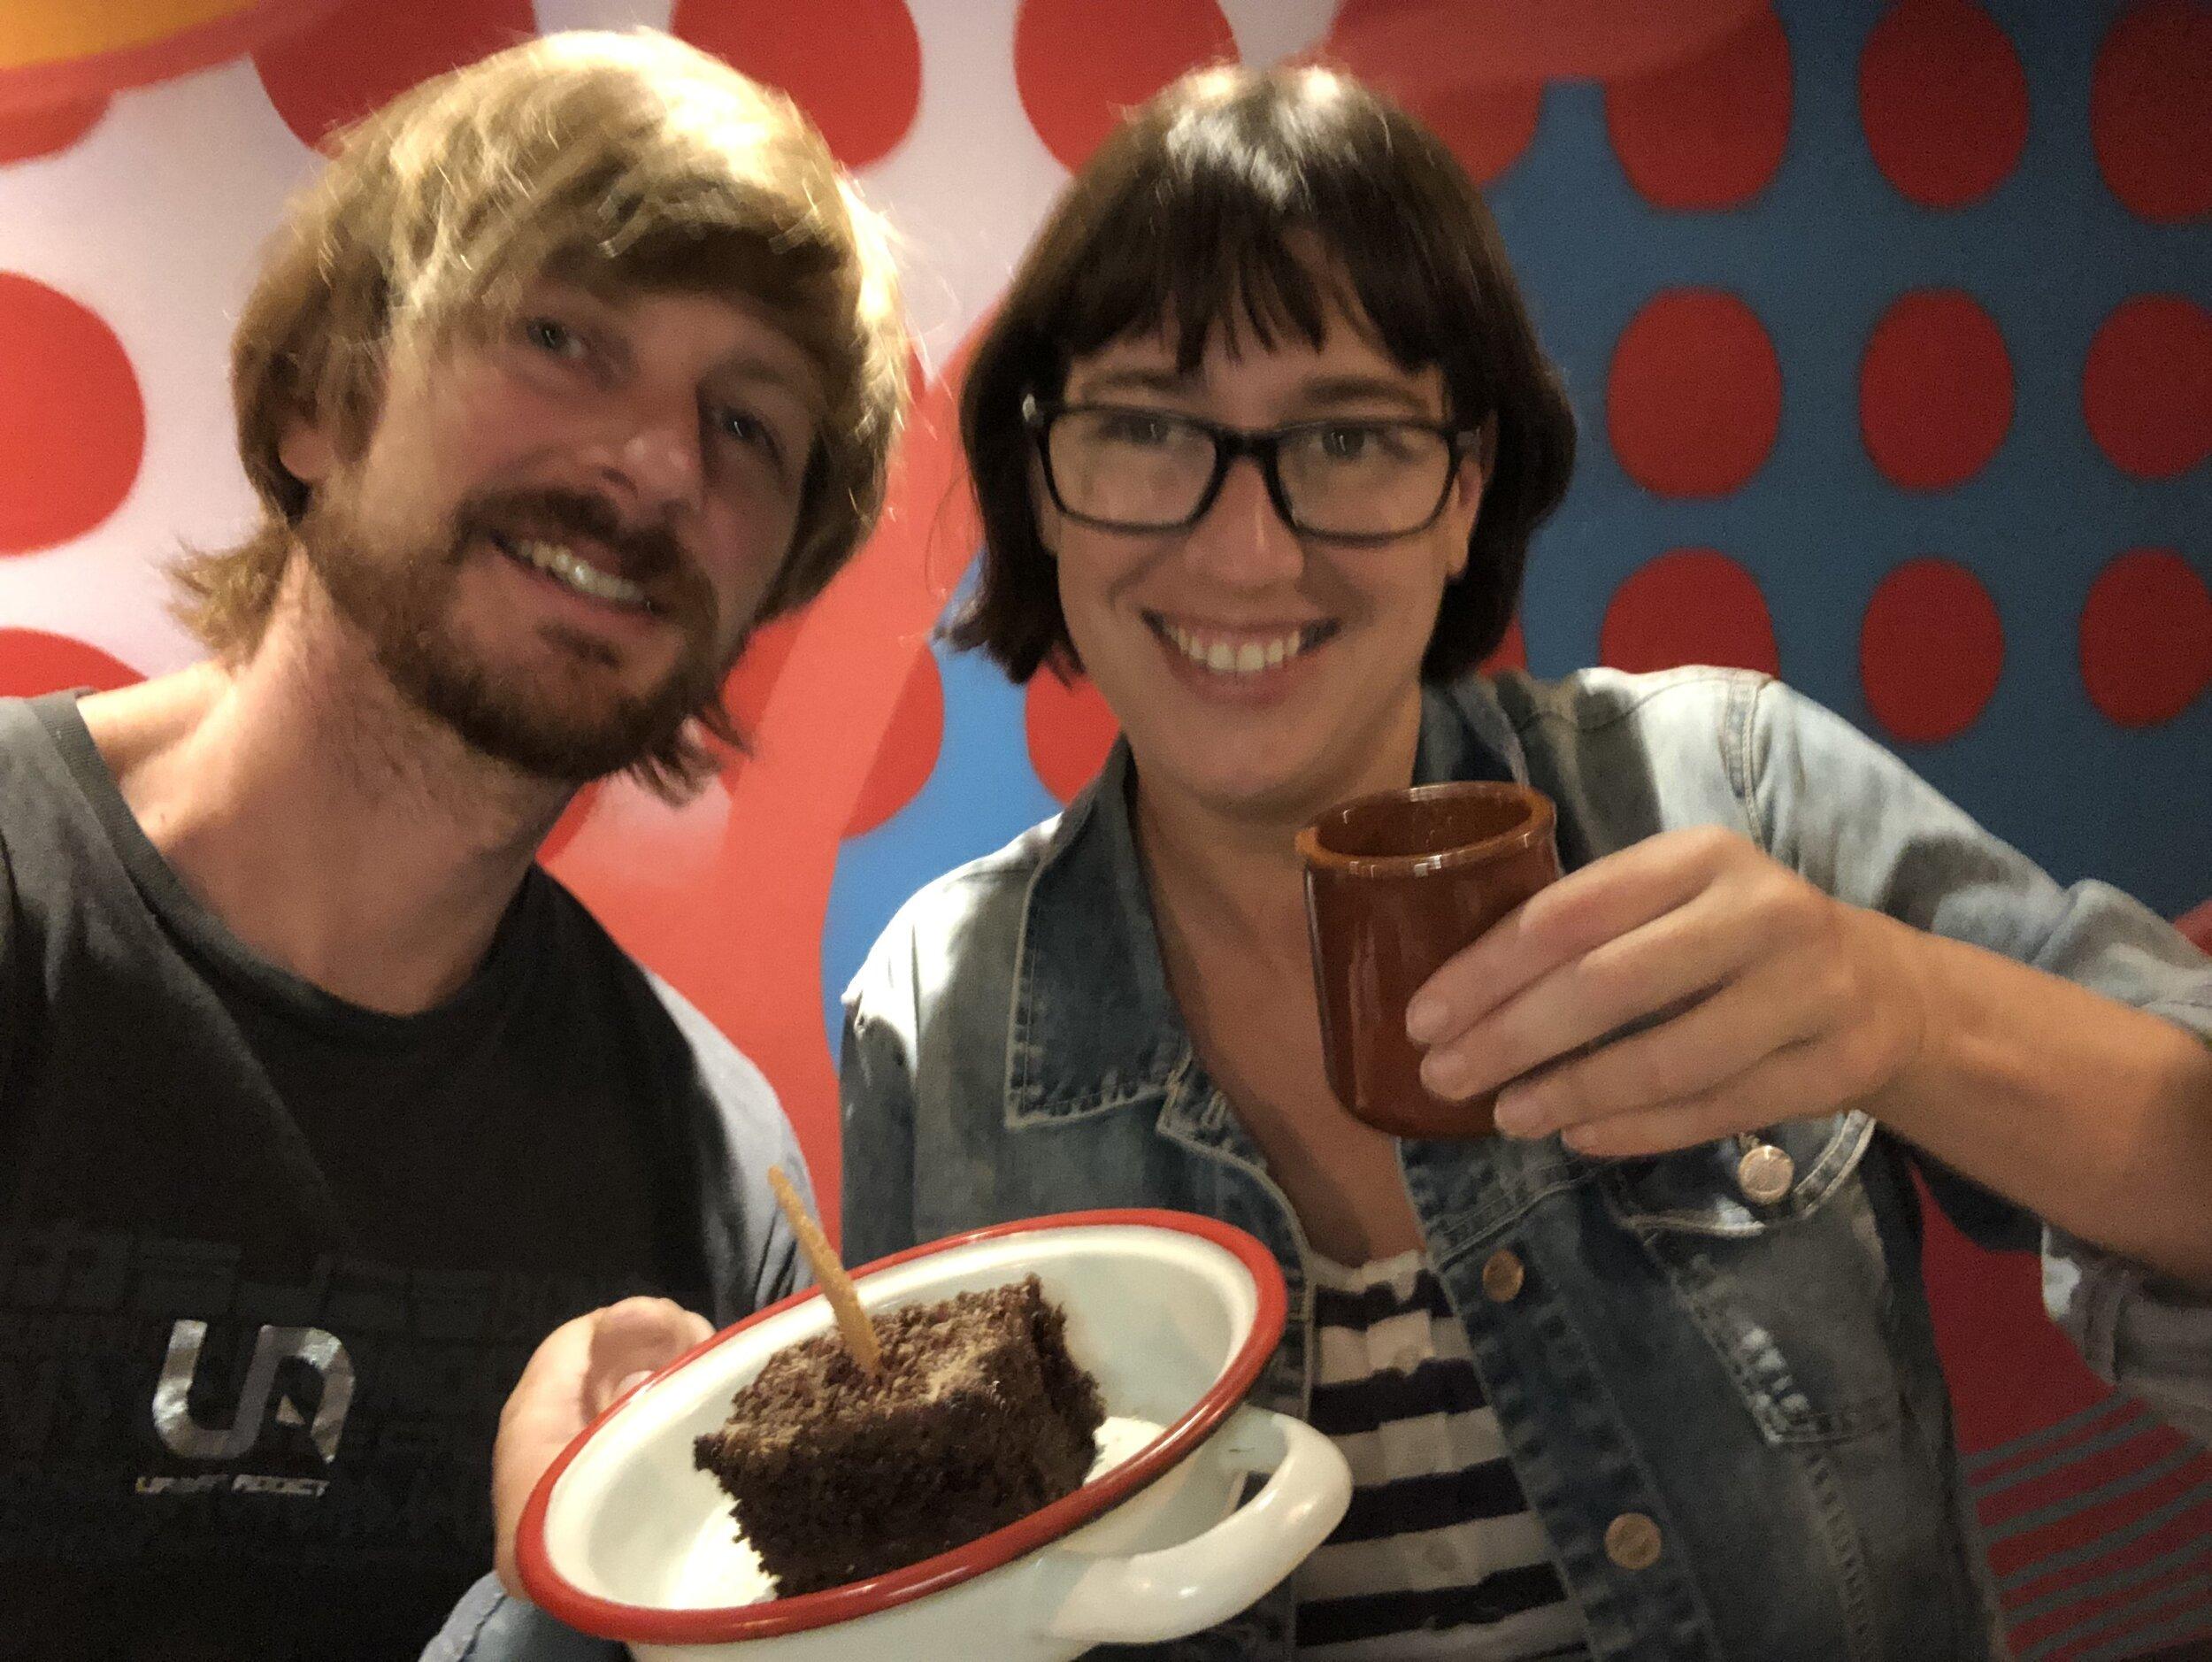 La foto salió un poco borrosa por la ansiedad de comer el pastel de chocolate jajaja